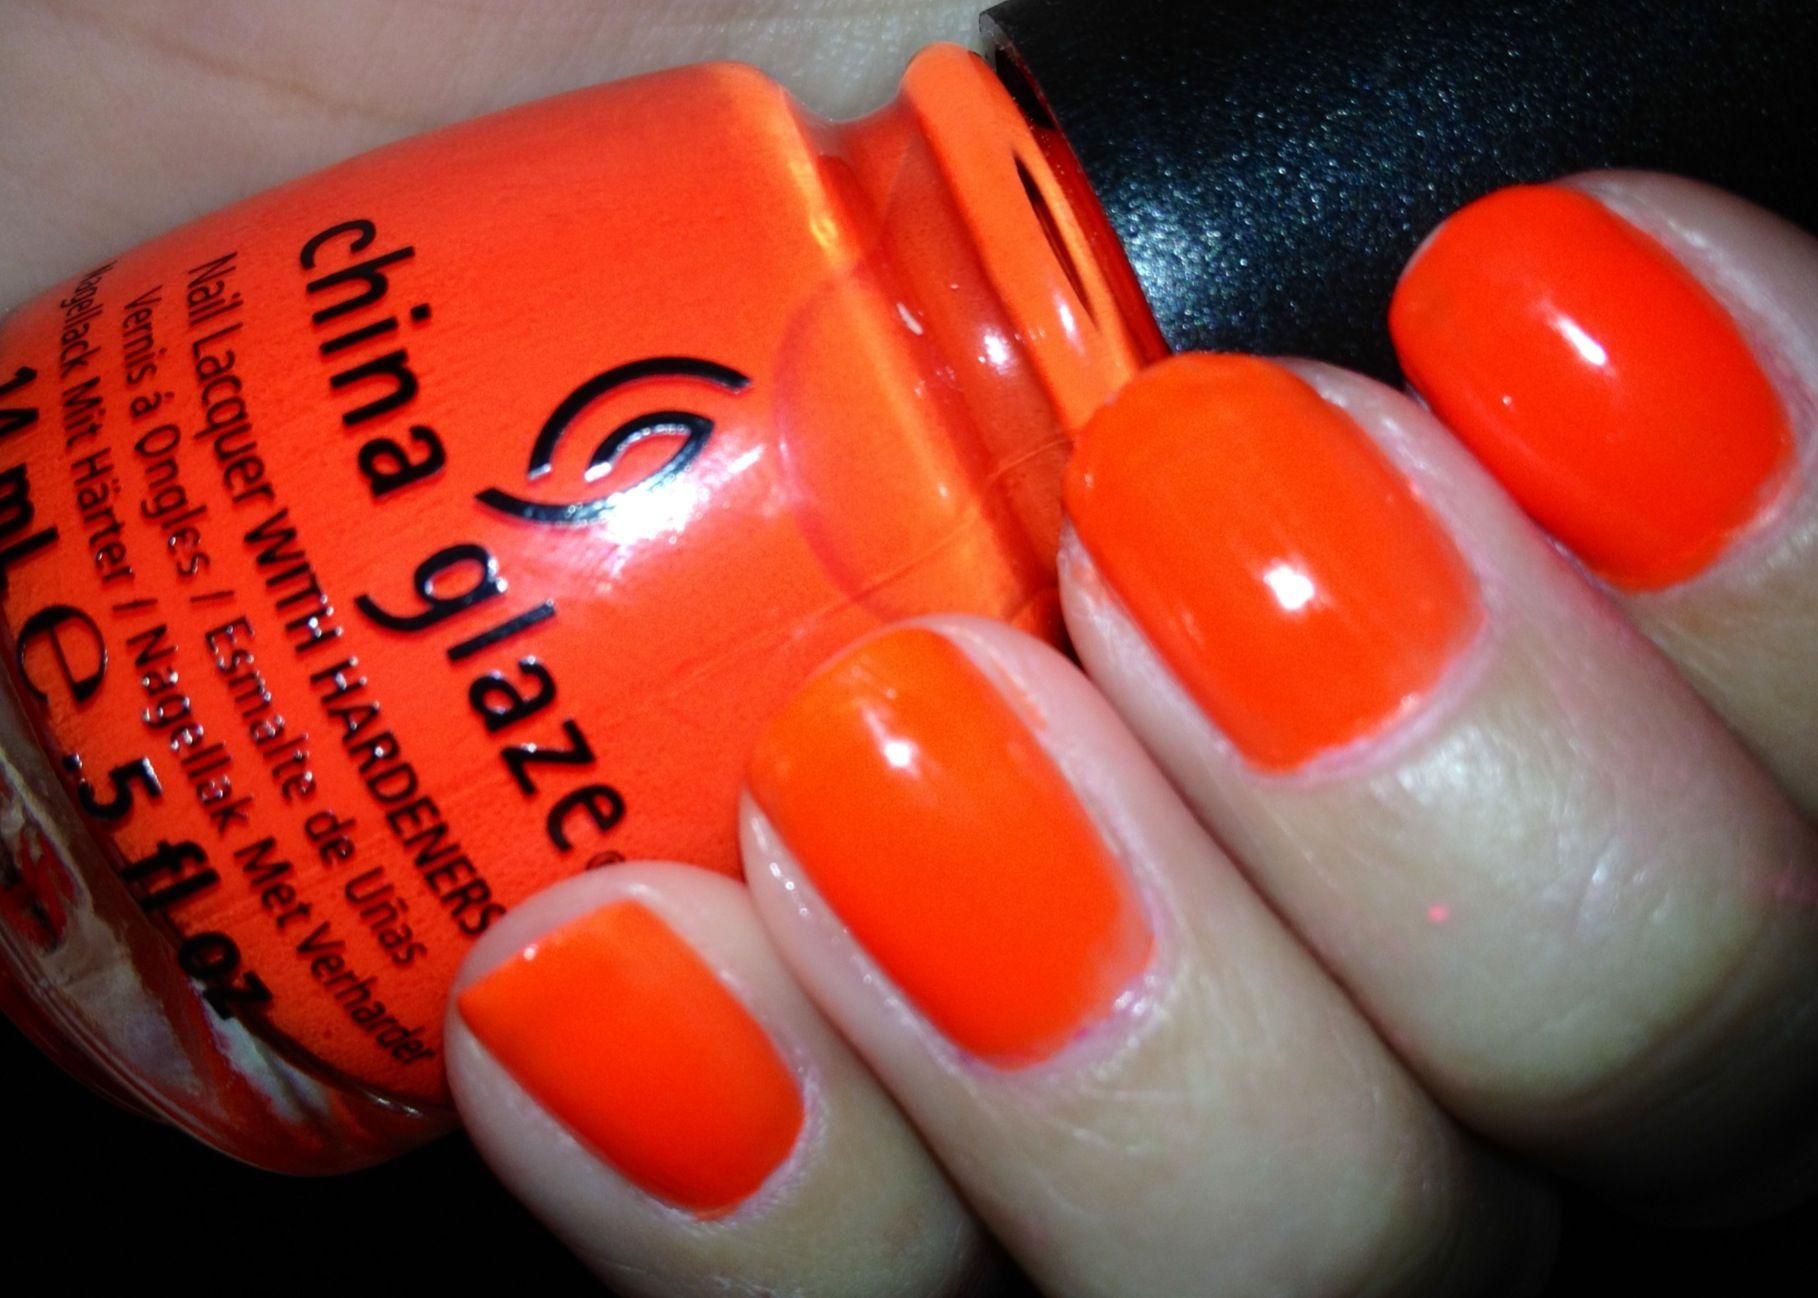 China glaze- orange knockout (neon) | Eyes, nails and hair ...